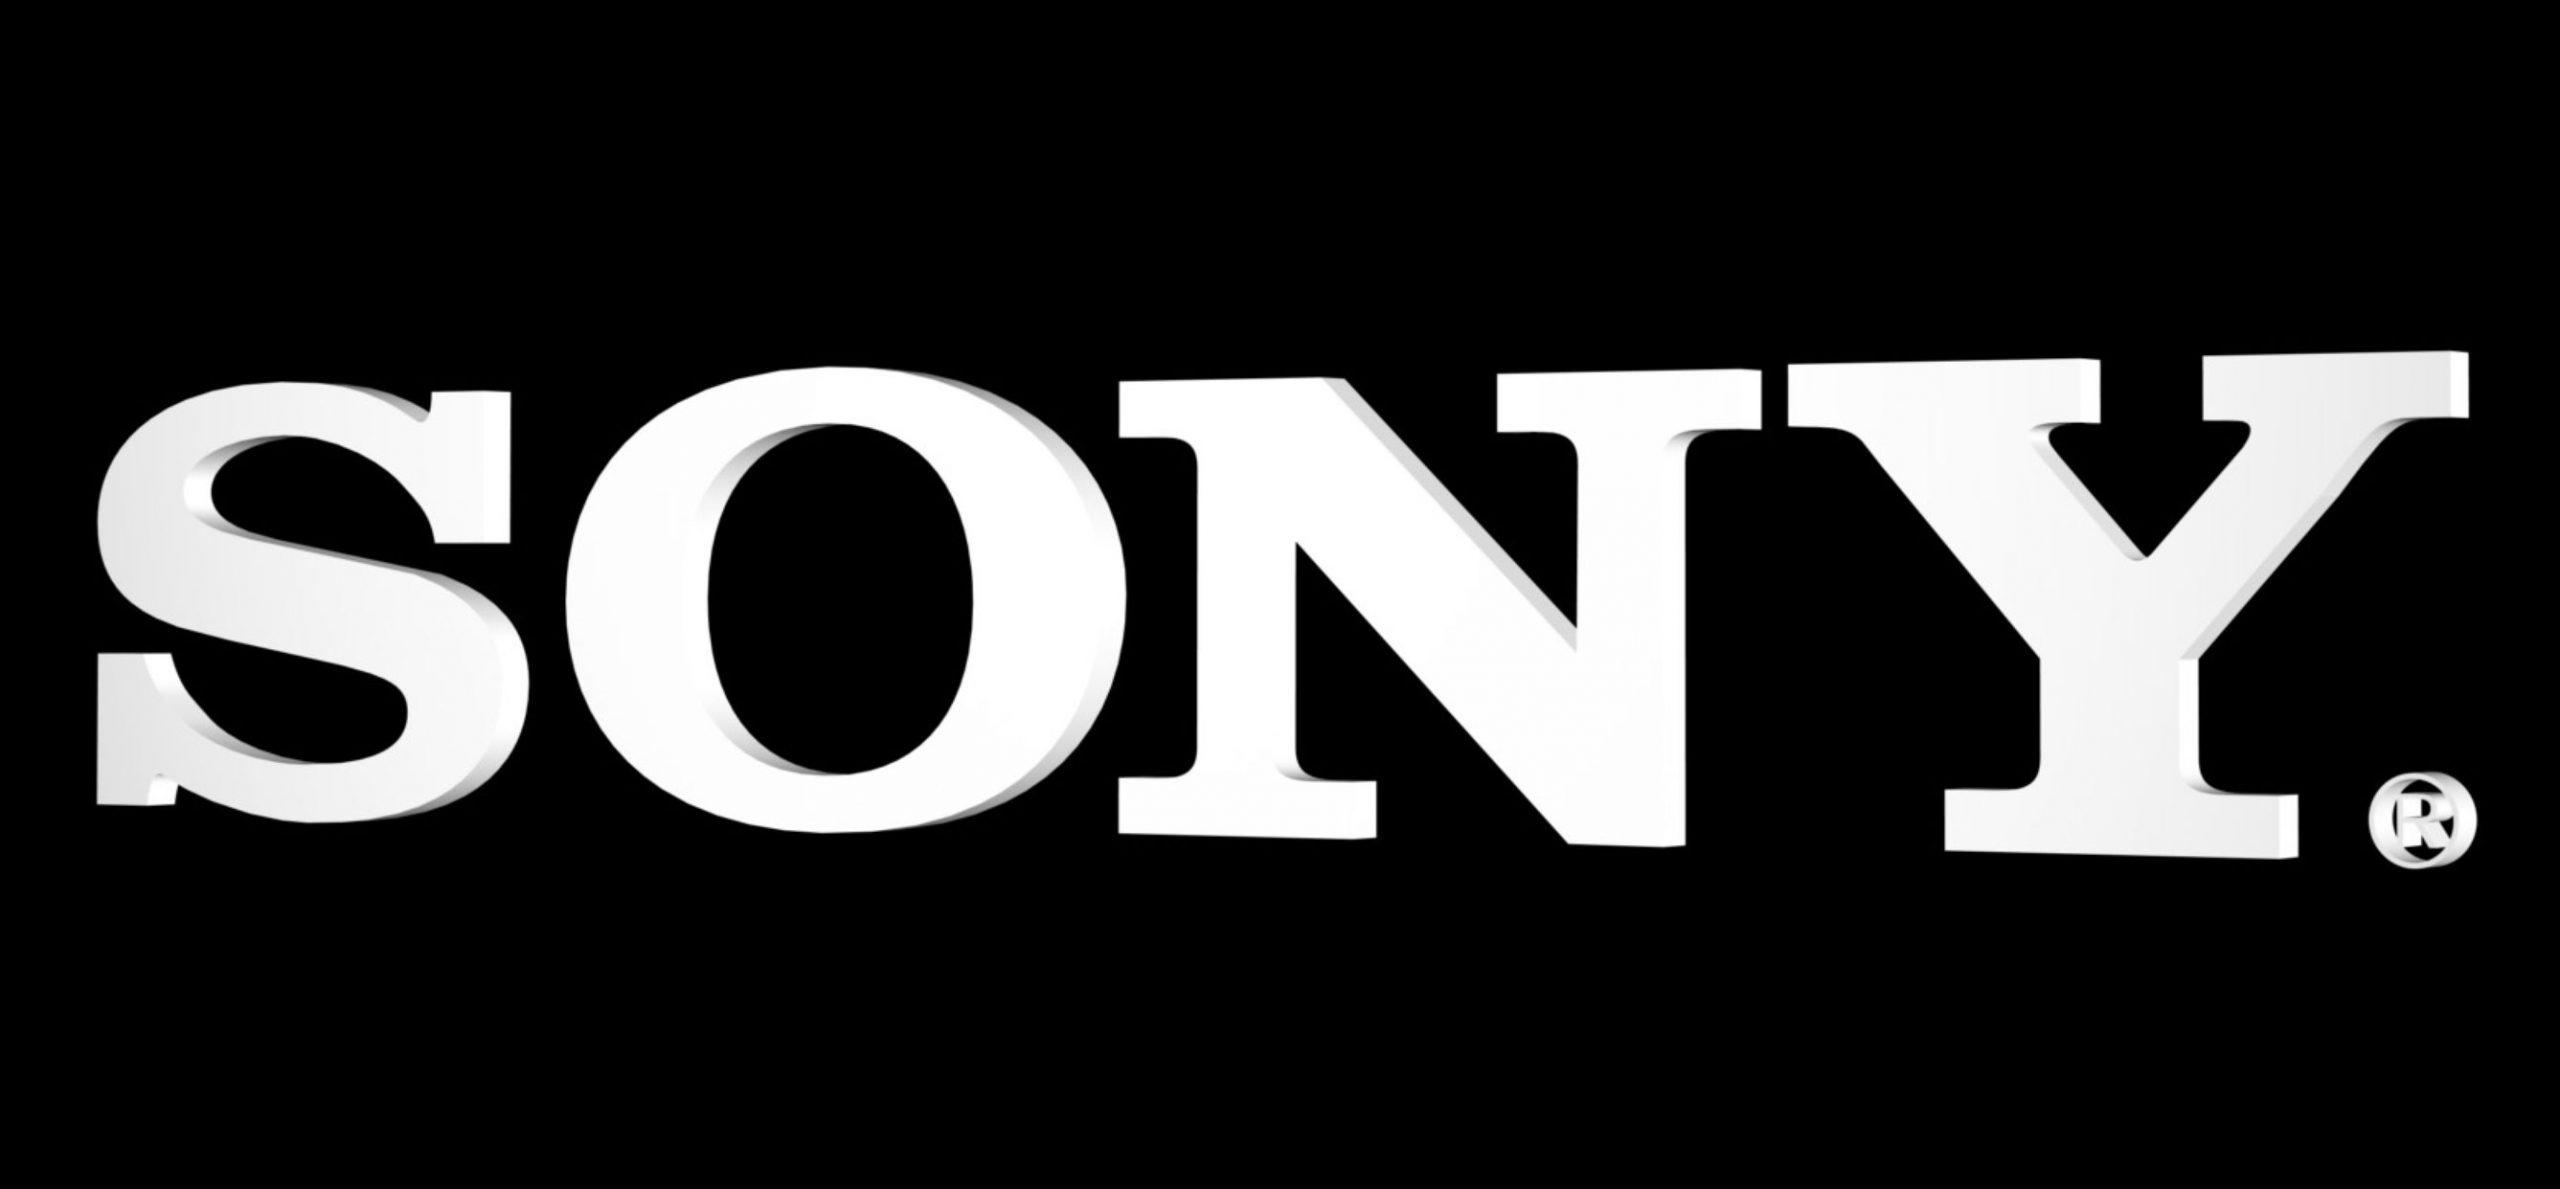 Comment contacter le service après-vente et assistance de Sony ?